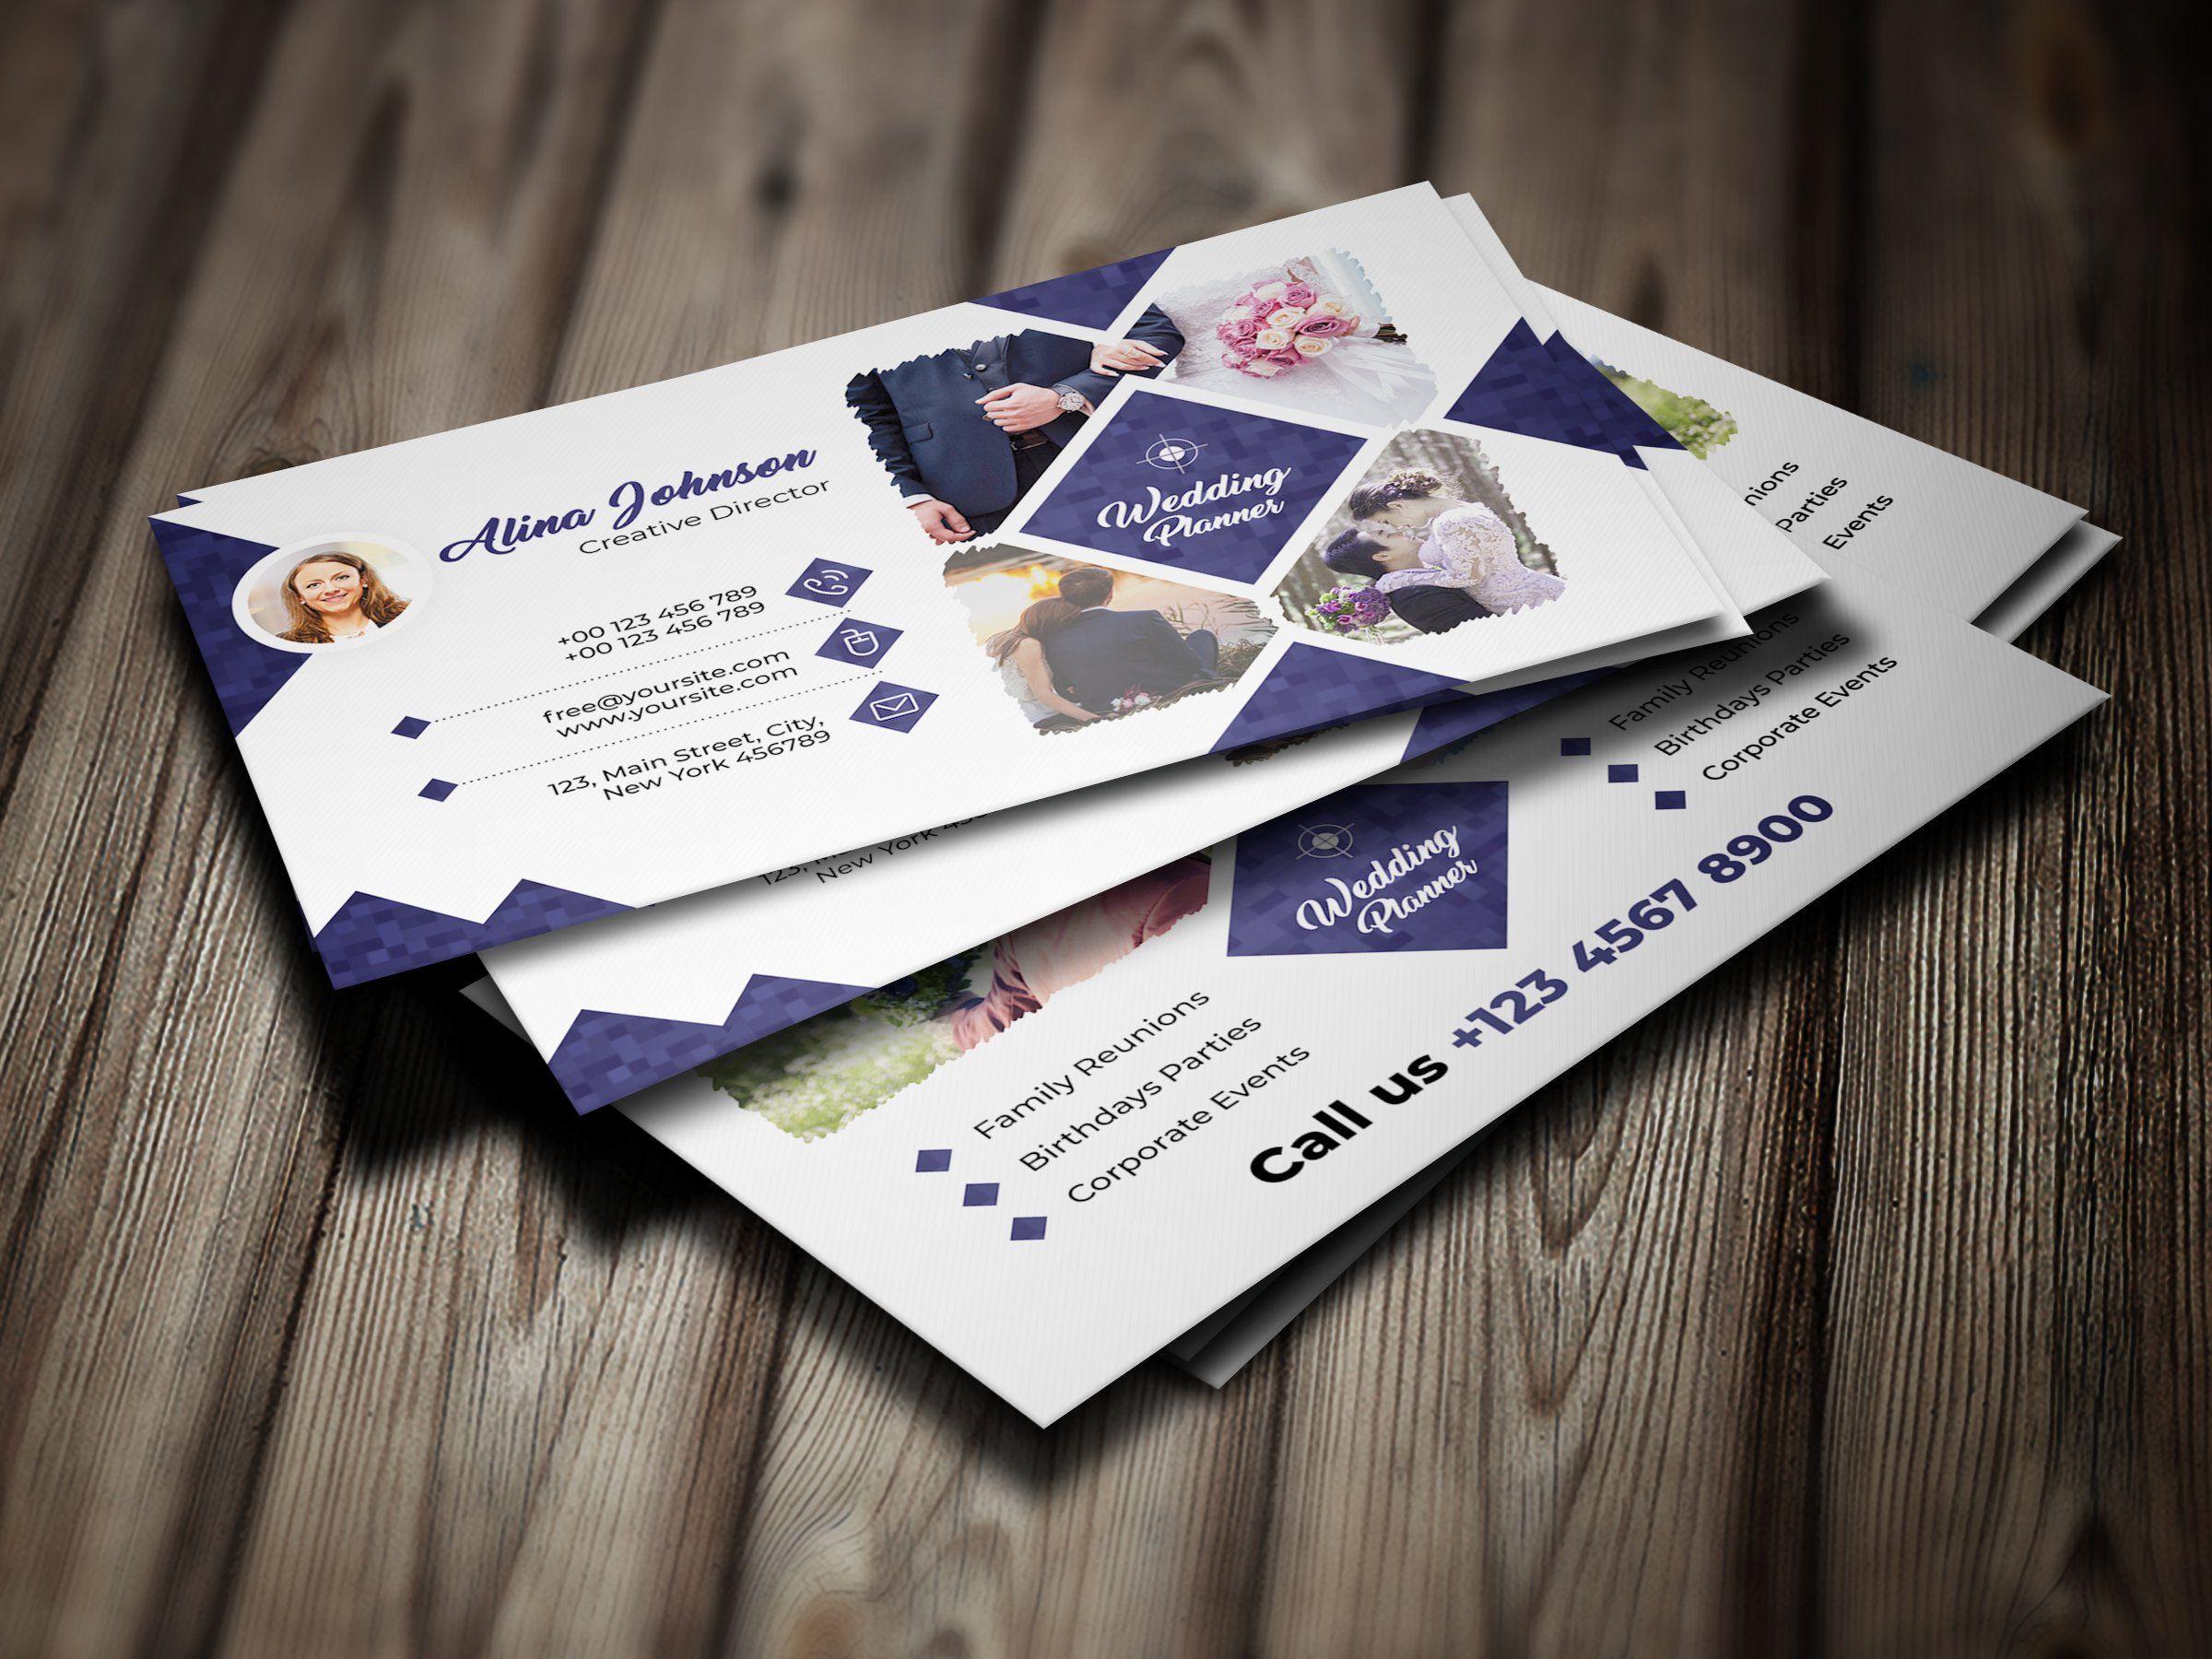 Wedding Planner Business Card Wedding Planner Business Card Professional Business Card Design Wedding Planner Business